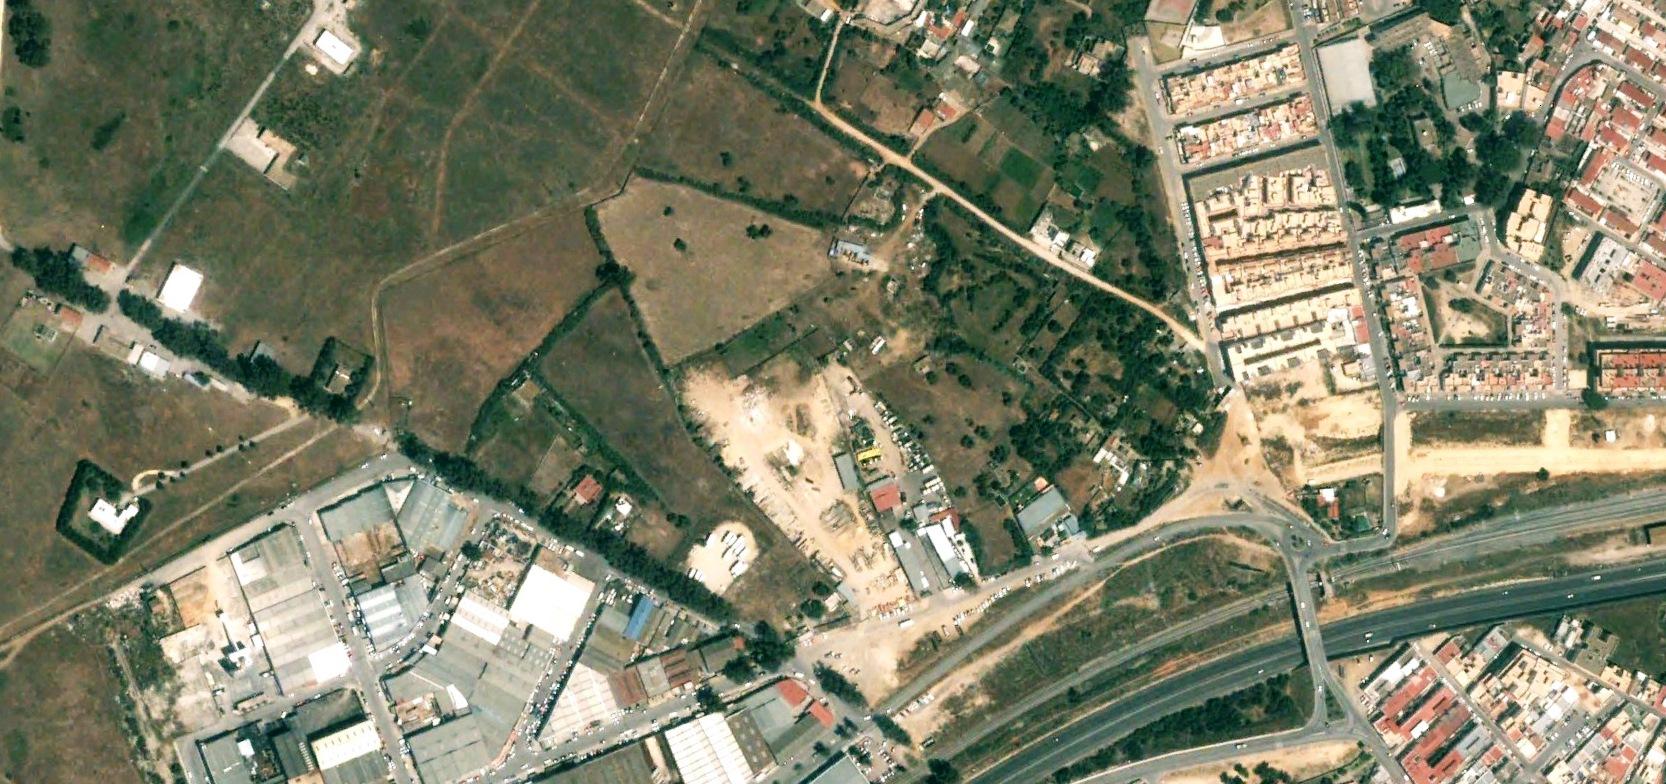 antes, urbanismo, foto aérea, desastre, urbanístico, planeamiento, urbano, construcción,San Fernando, Cádiz